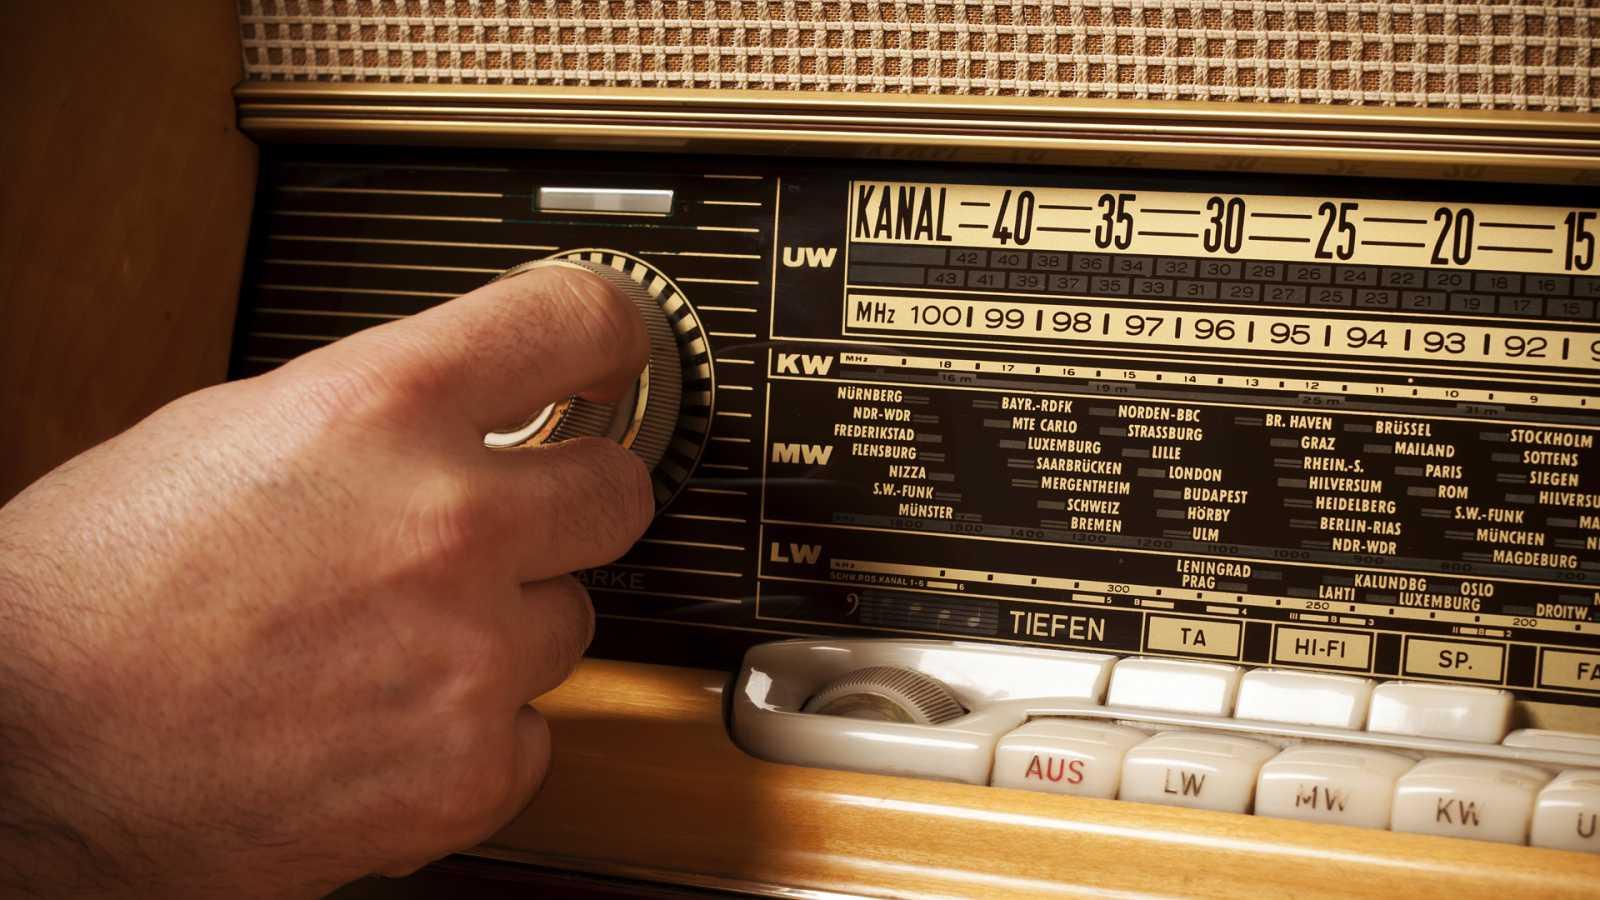 Amigos de la Onda Corta - 100 años de la radio argentina - 03/09/20 - escuchar ahora